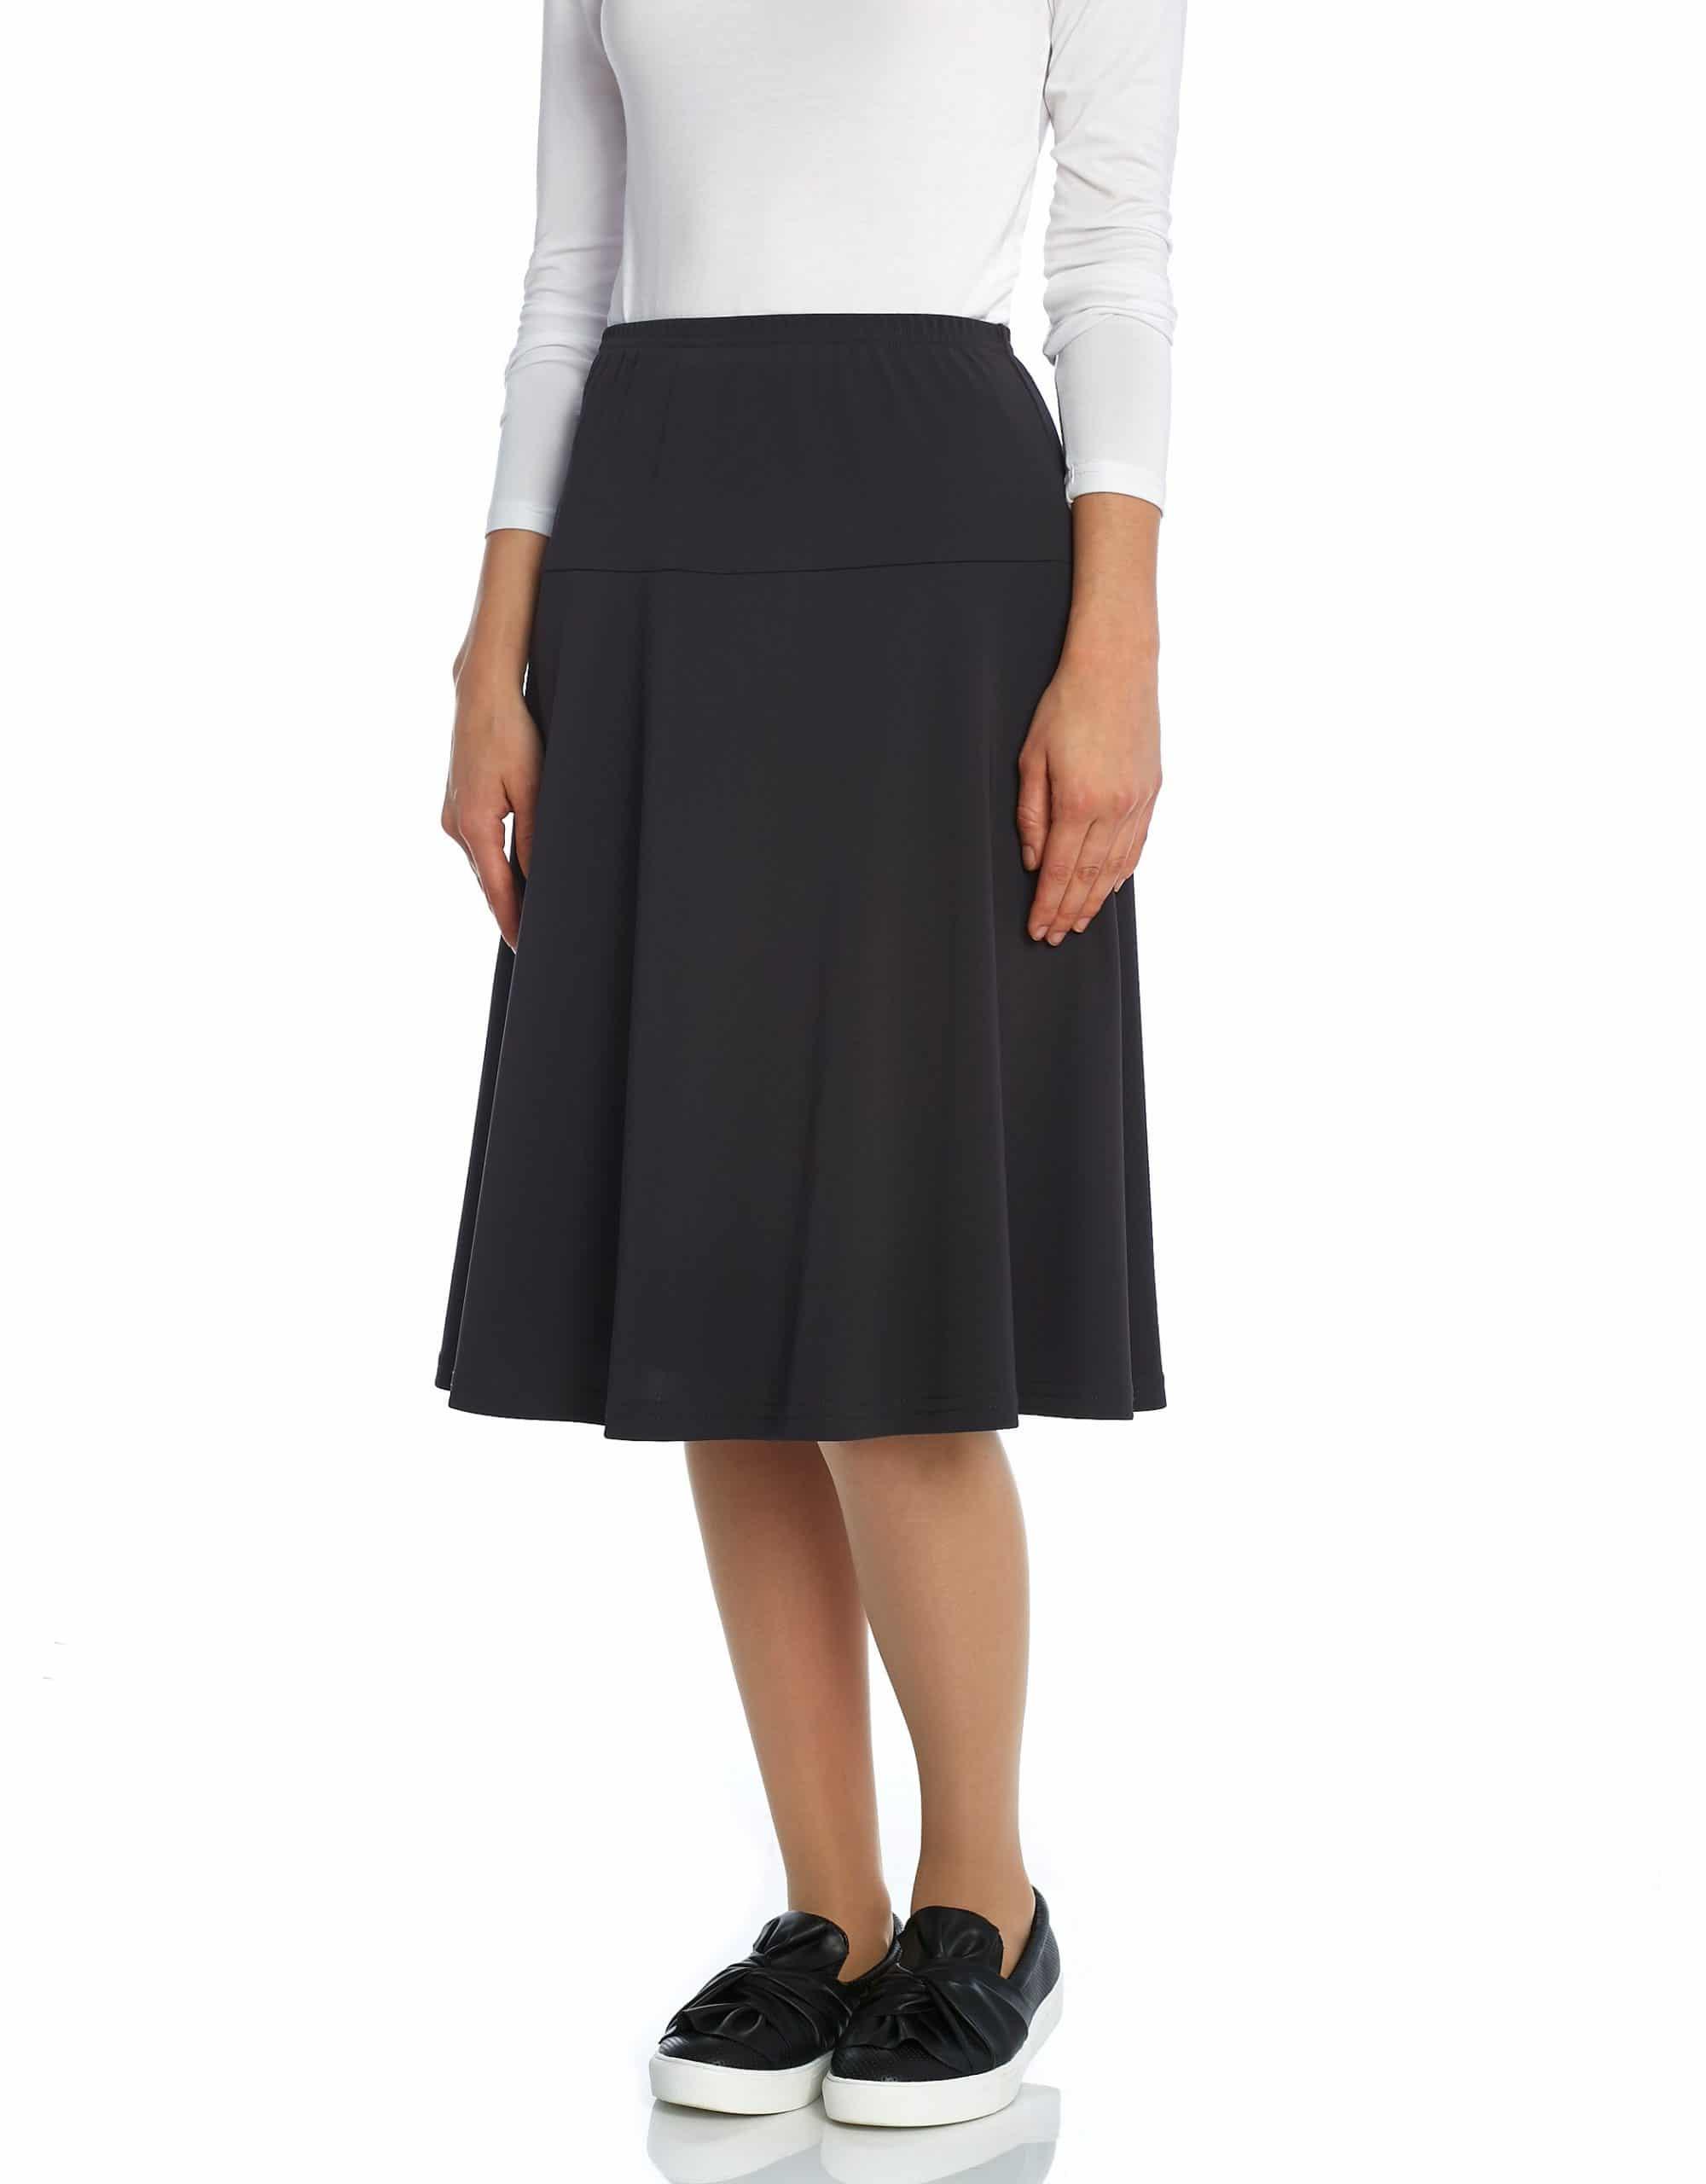 Yoke Skirt